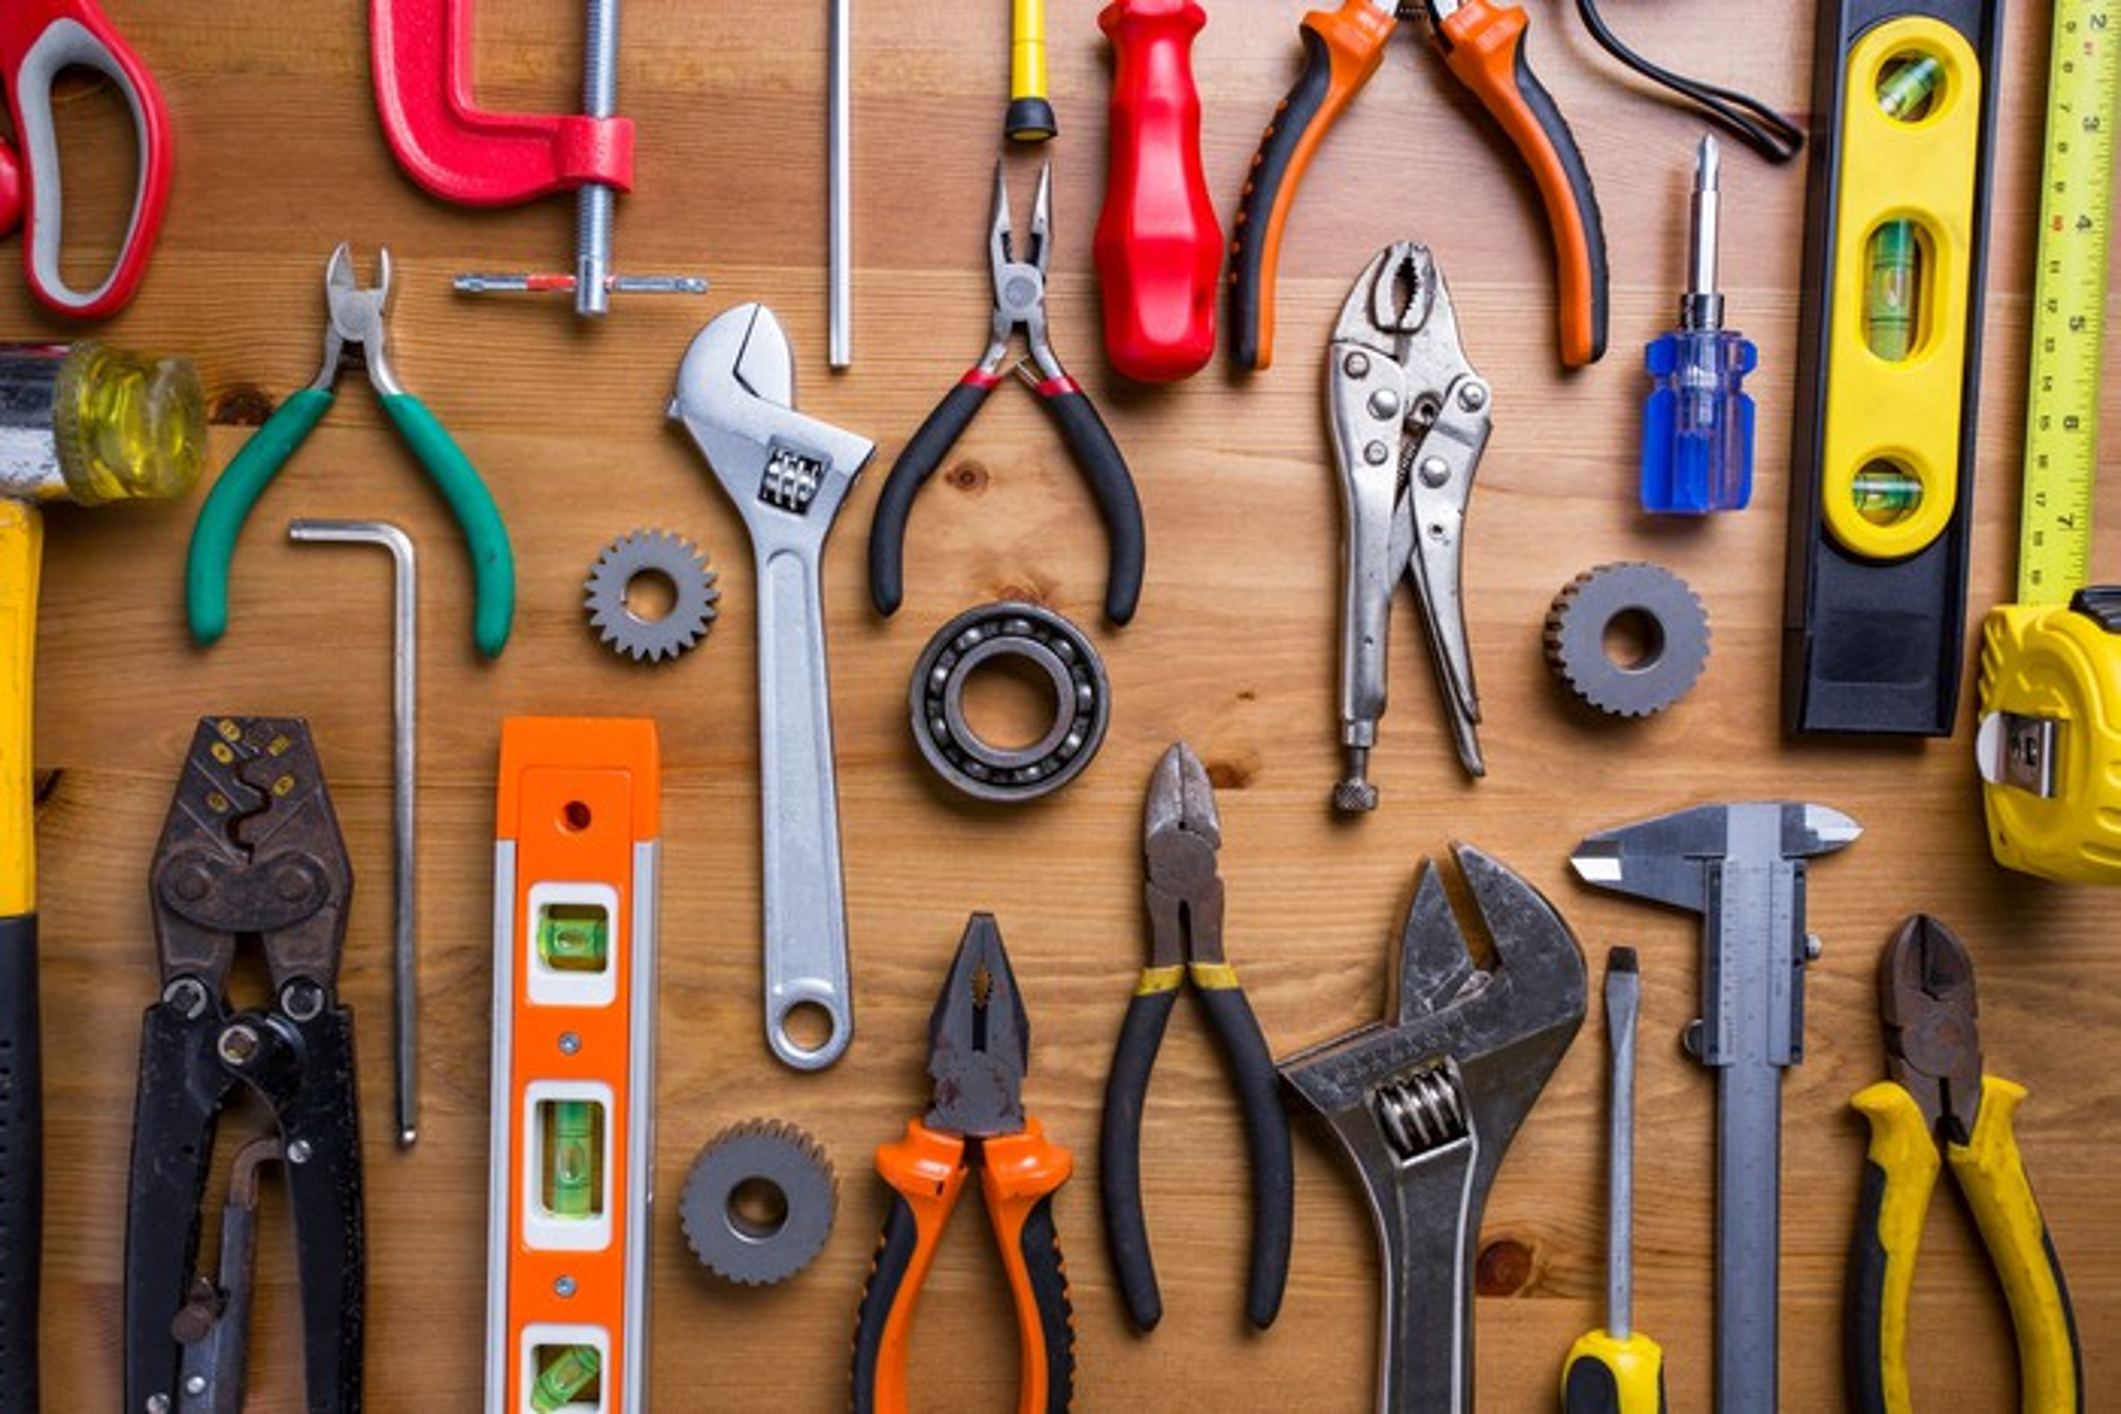 machinery tools